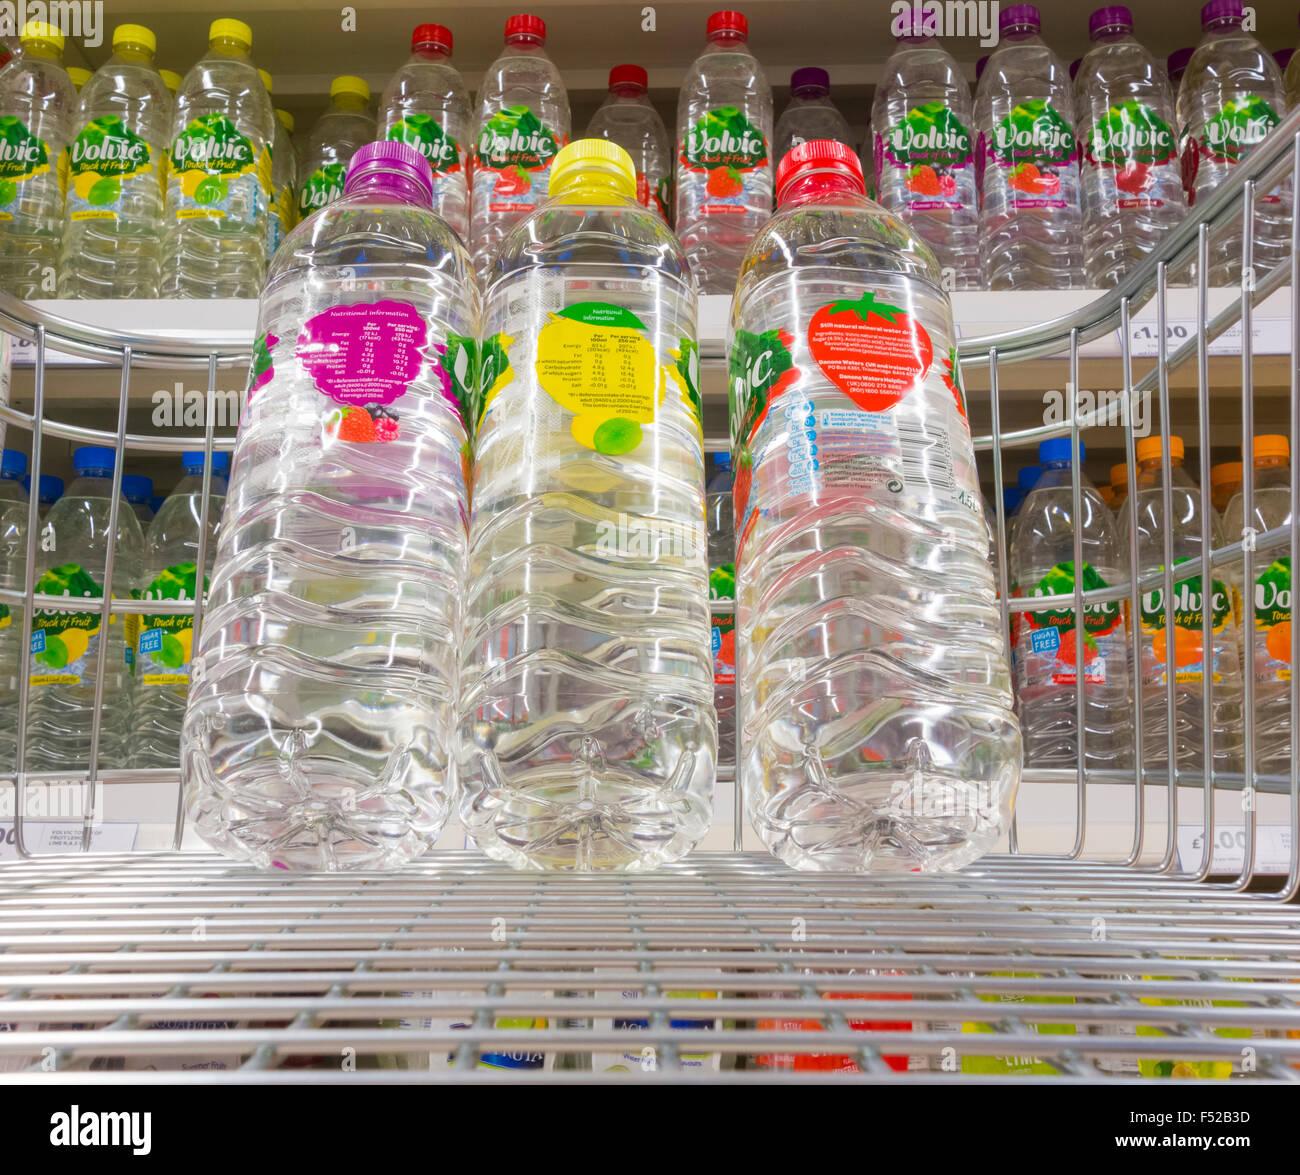 Con Sabor a Agua embotellada en el supermercado Tesco. UK Imagen De Stock